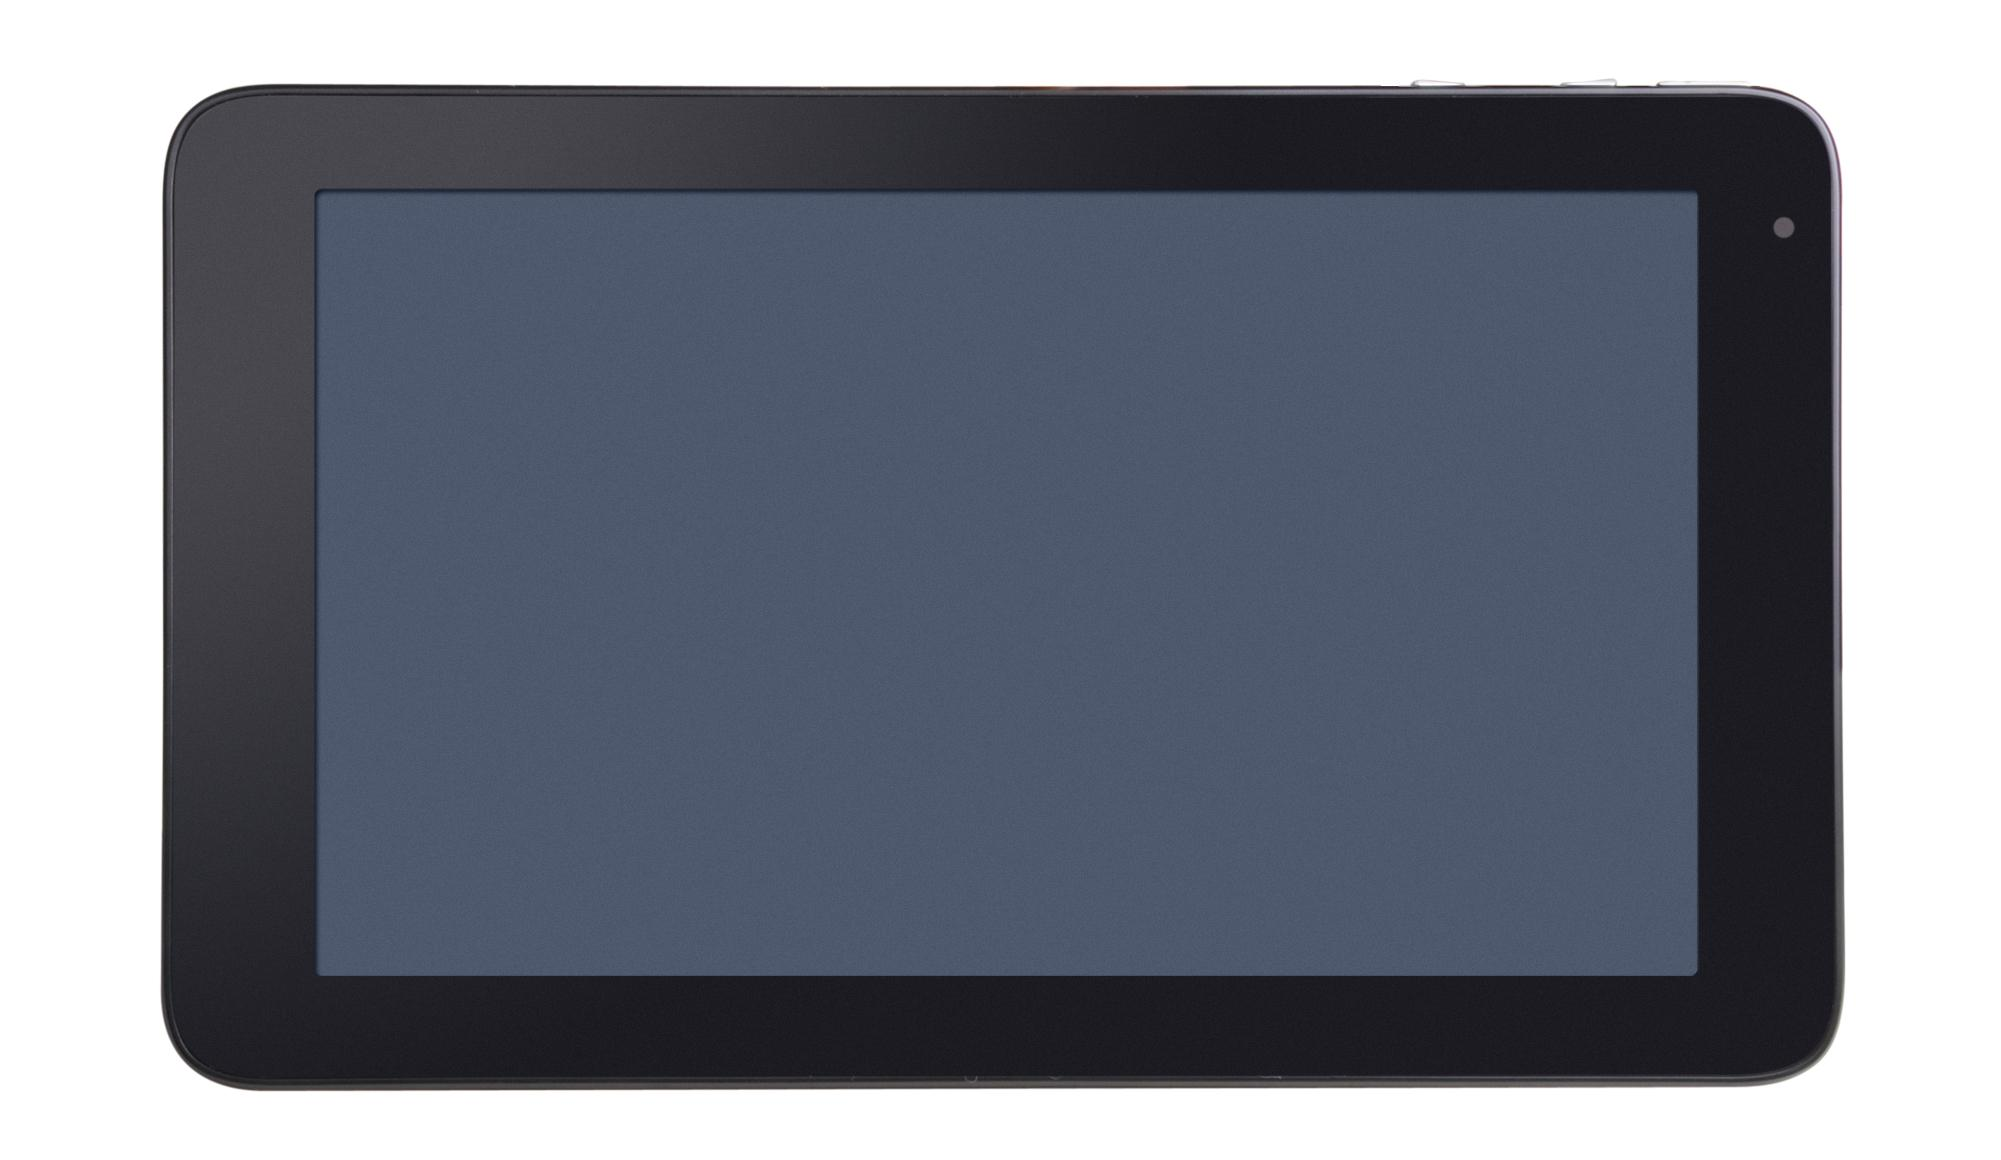 Tablet PC CEM101 ATM7029 Quad core 1.5GHz 1GB + 8G 10.1-inch